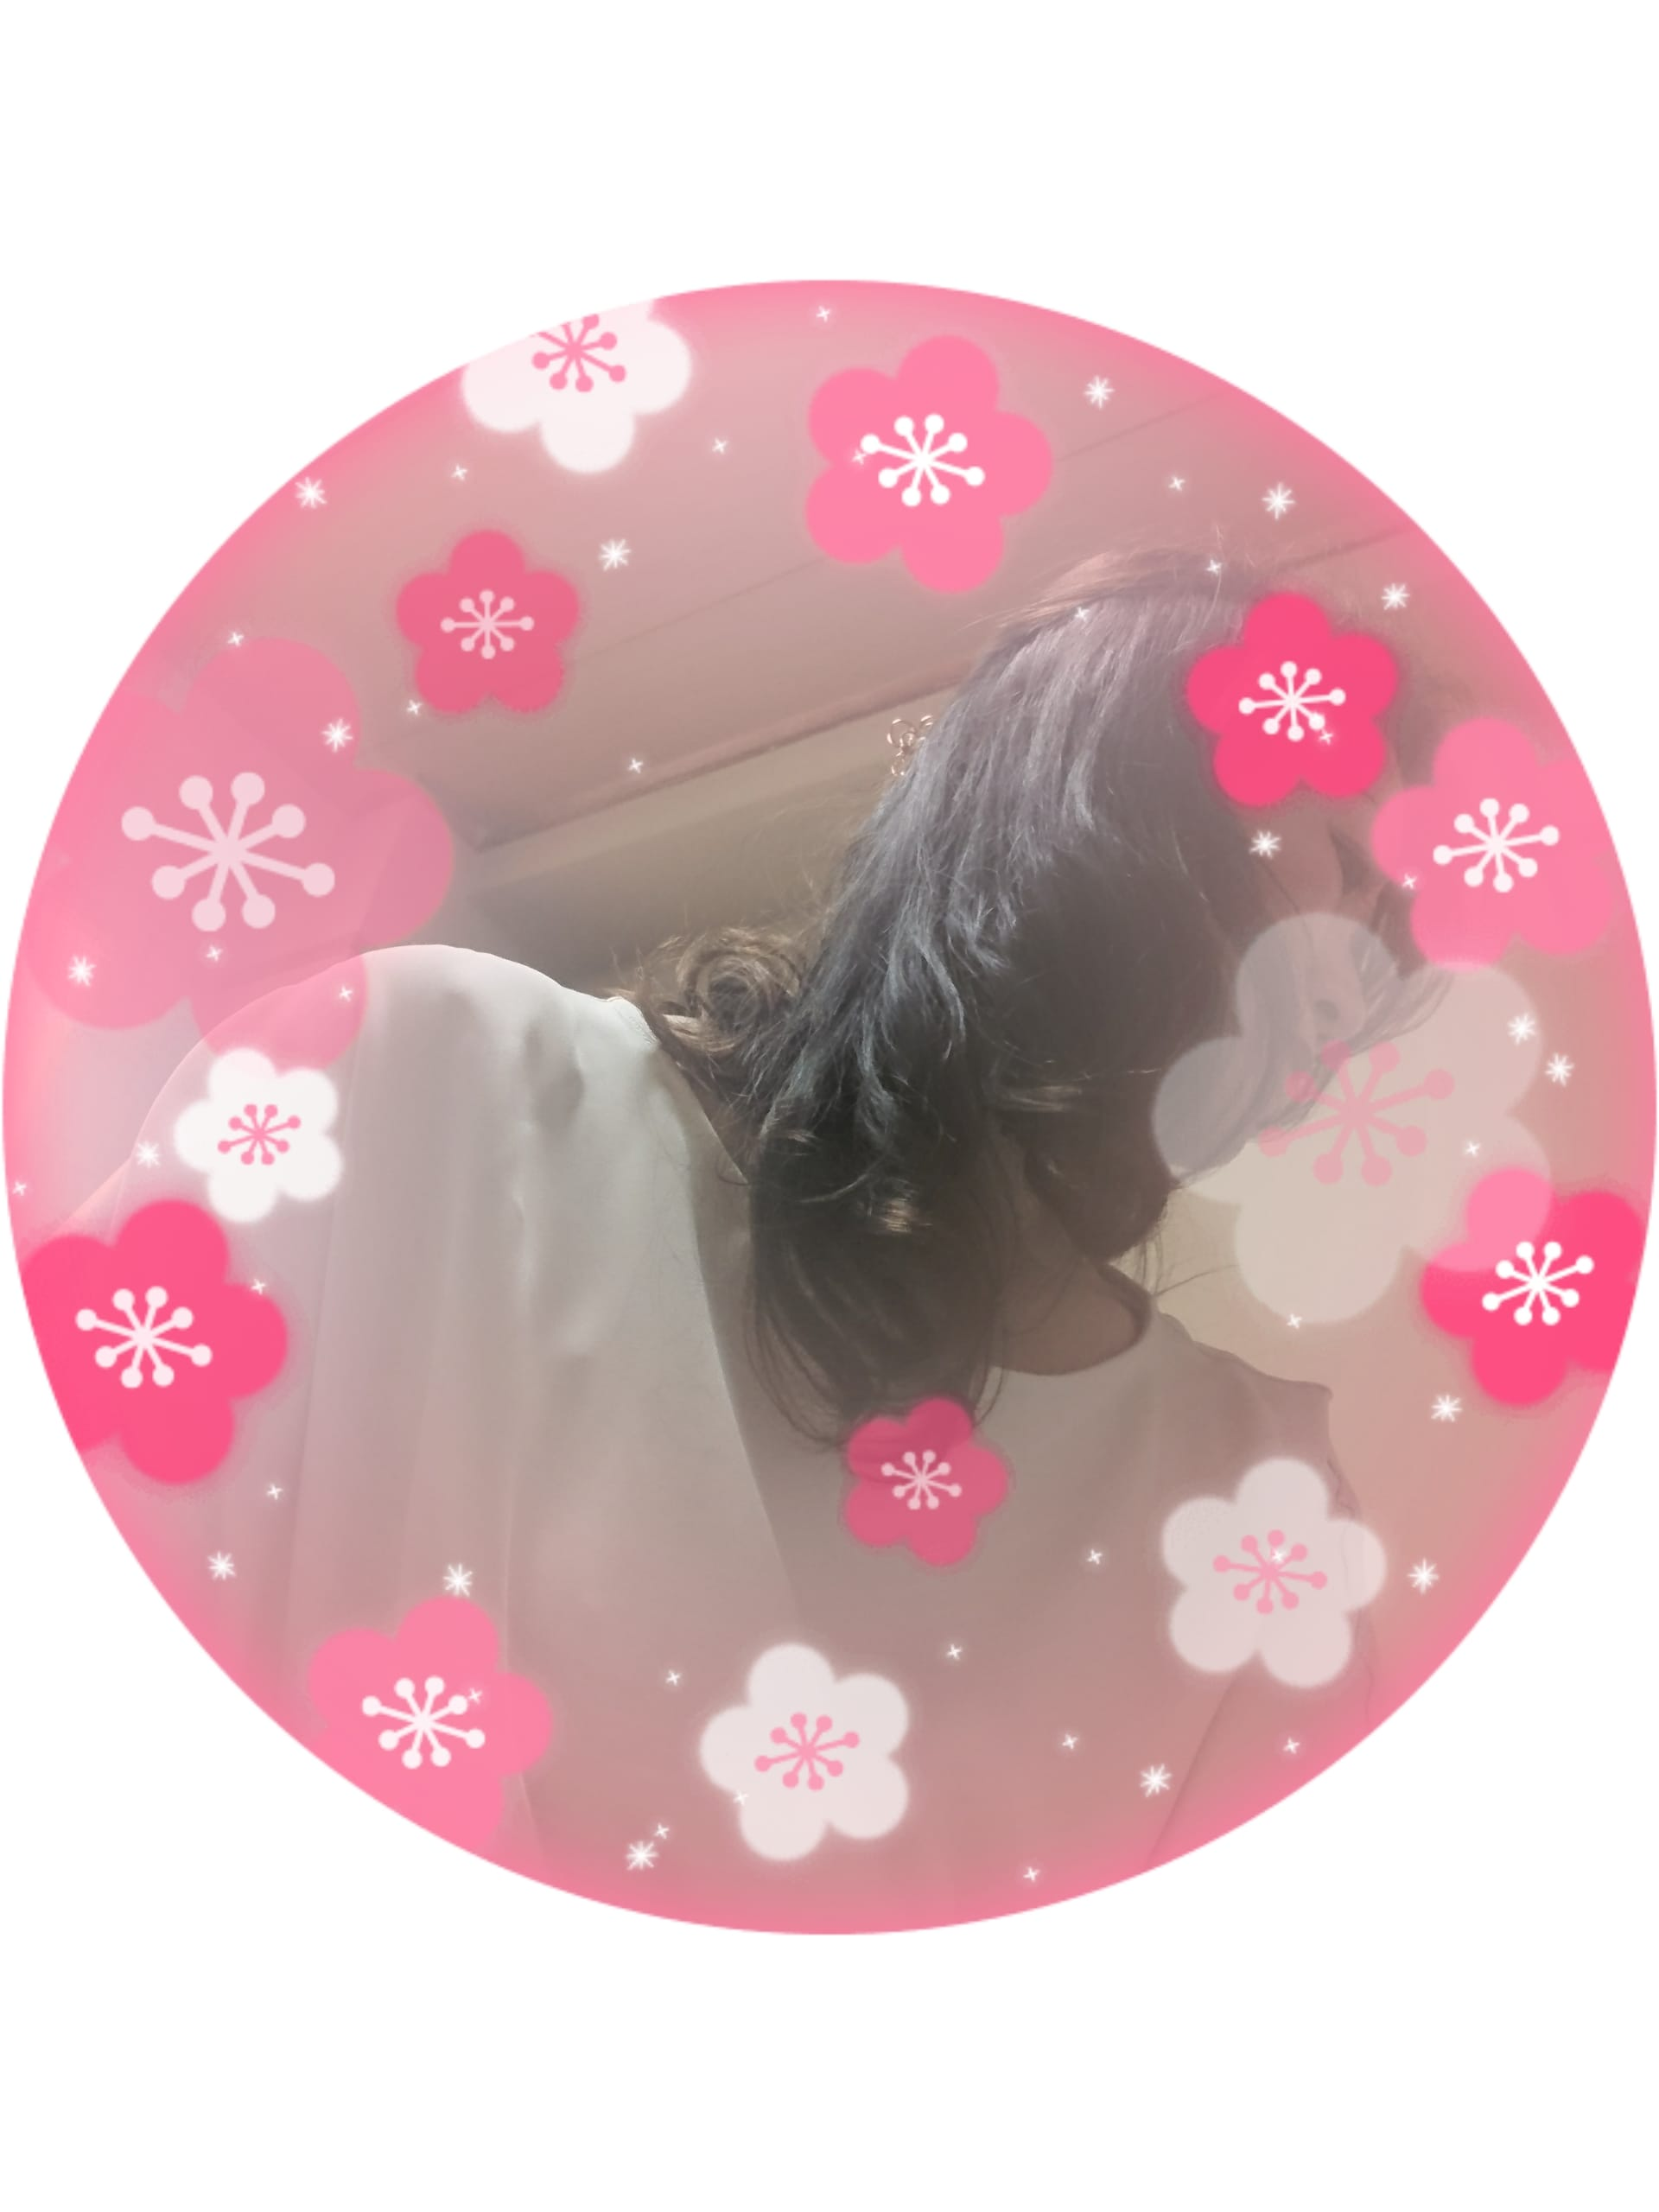 「まりこです(^-^)」04/21(04/21) 16:50 | まりこの写メ・風俗動画